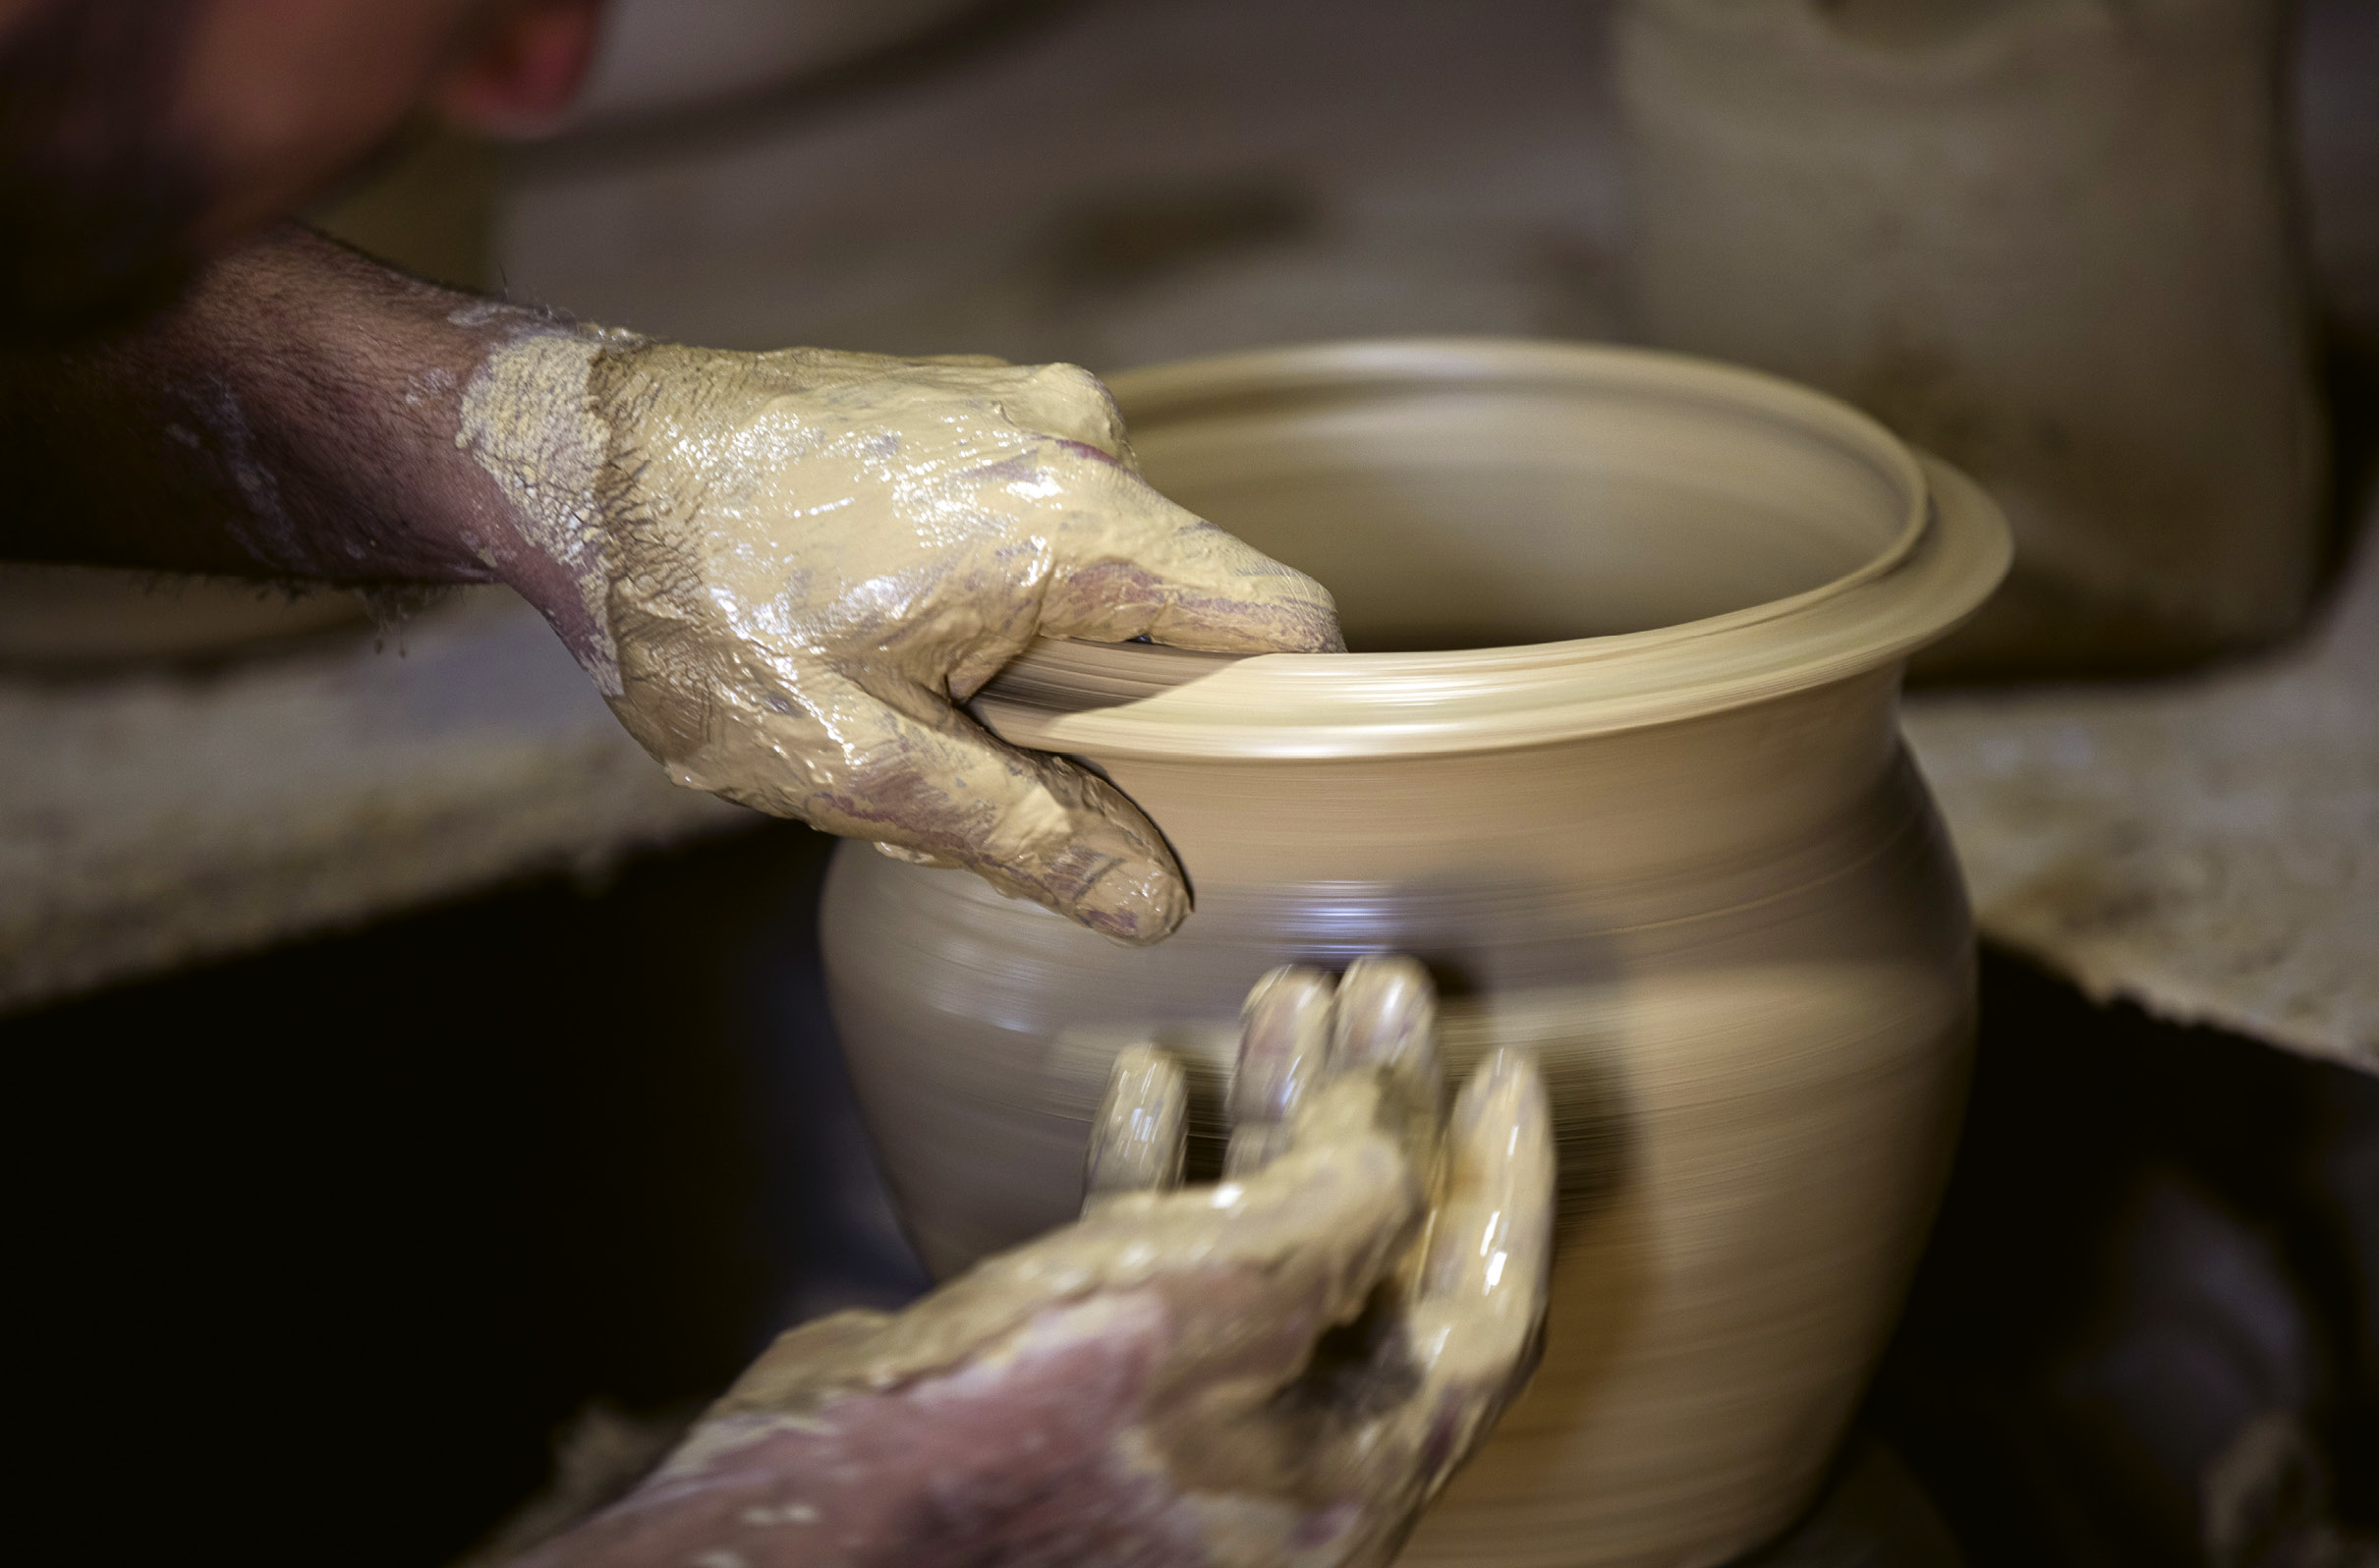 Fábrica de cerâmica nos arredores de Amã, Jordânia, retoma o fabrico após as restrições impostas pela COVID-19. Foto EPA/Andre Pain.